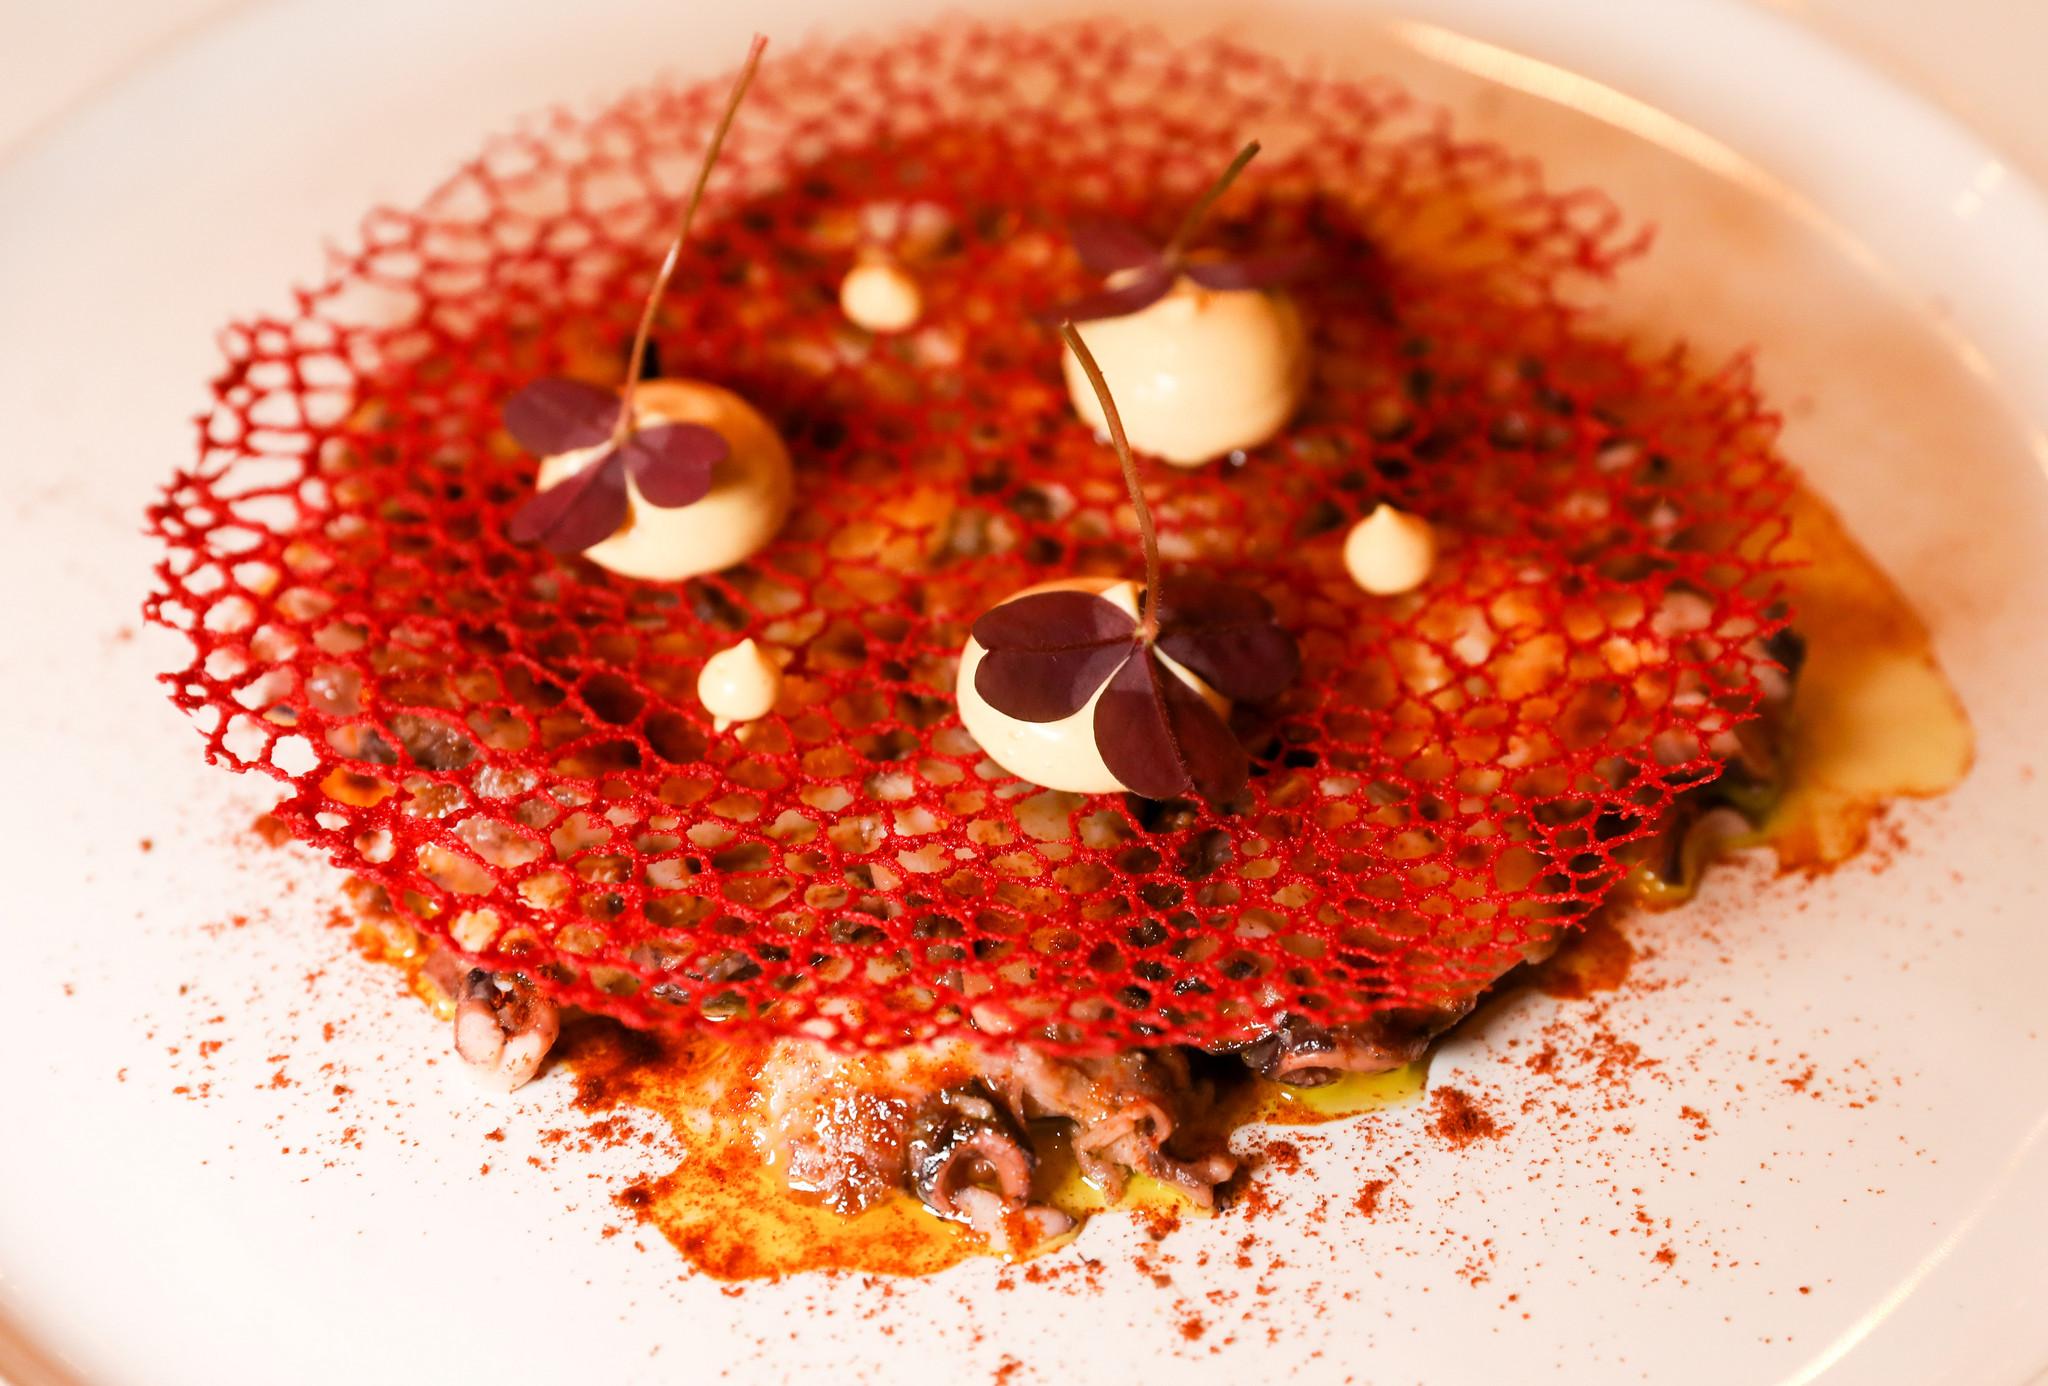 LM-Restaurante Venga 29-11-18-9.jpg